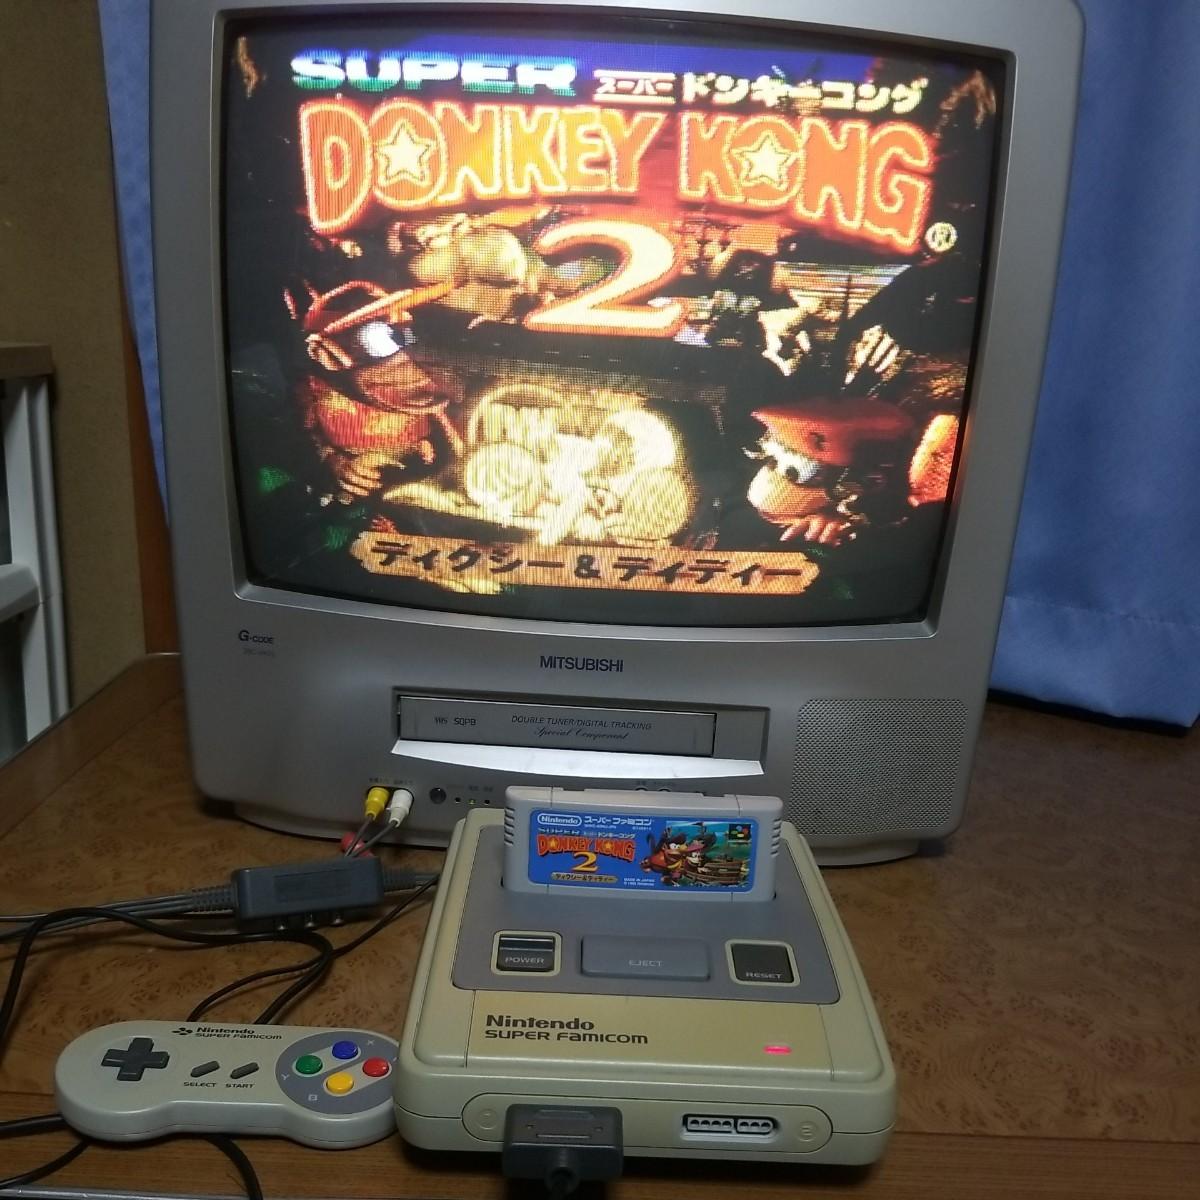 スーパーファミコン一式とマリオカートとドンキーコング2と郵パック小包代込